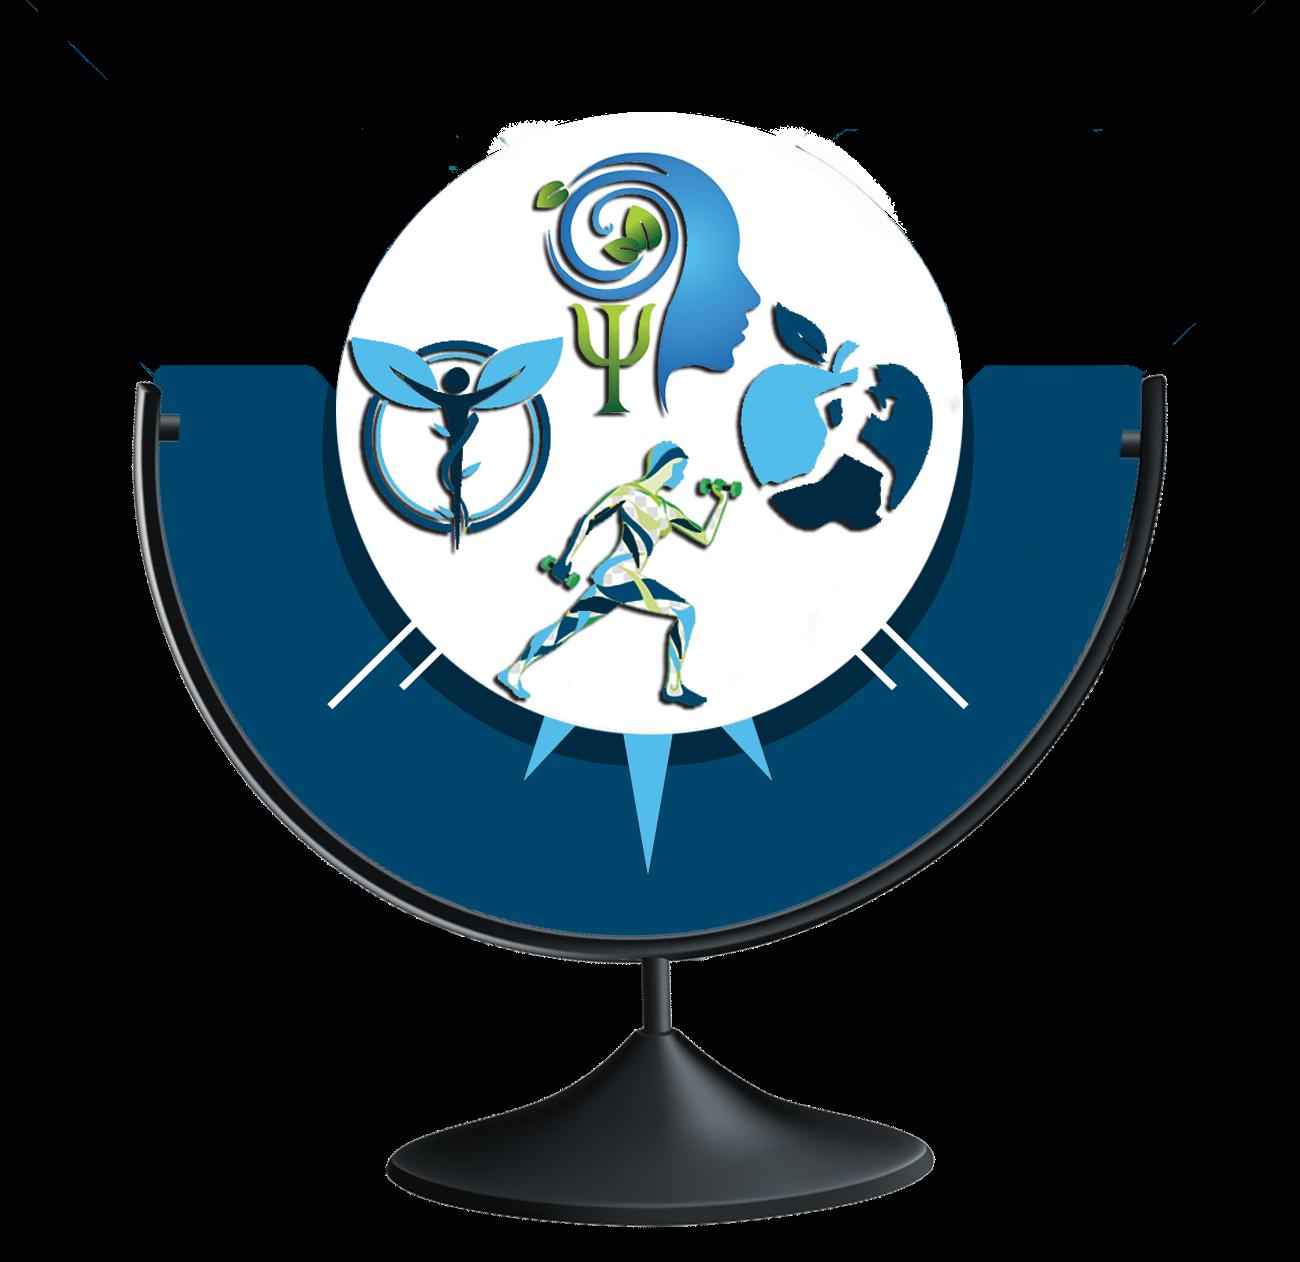 Asociația Internațională de Psihologie, Nutriție, Sport și Fitness